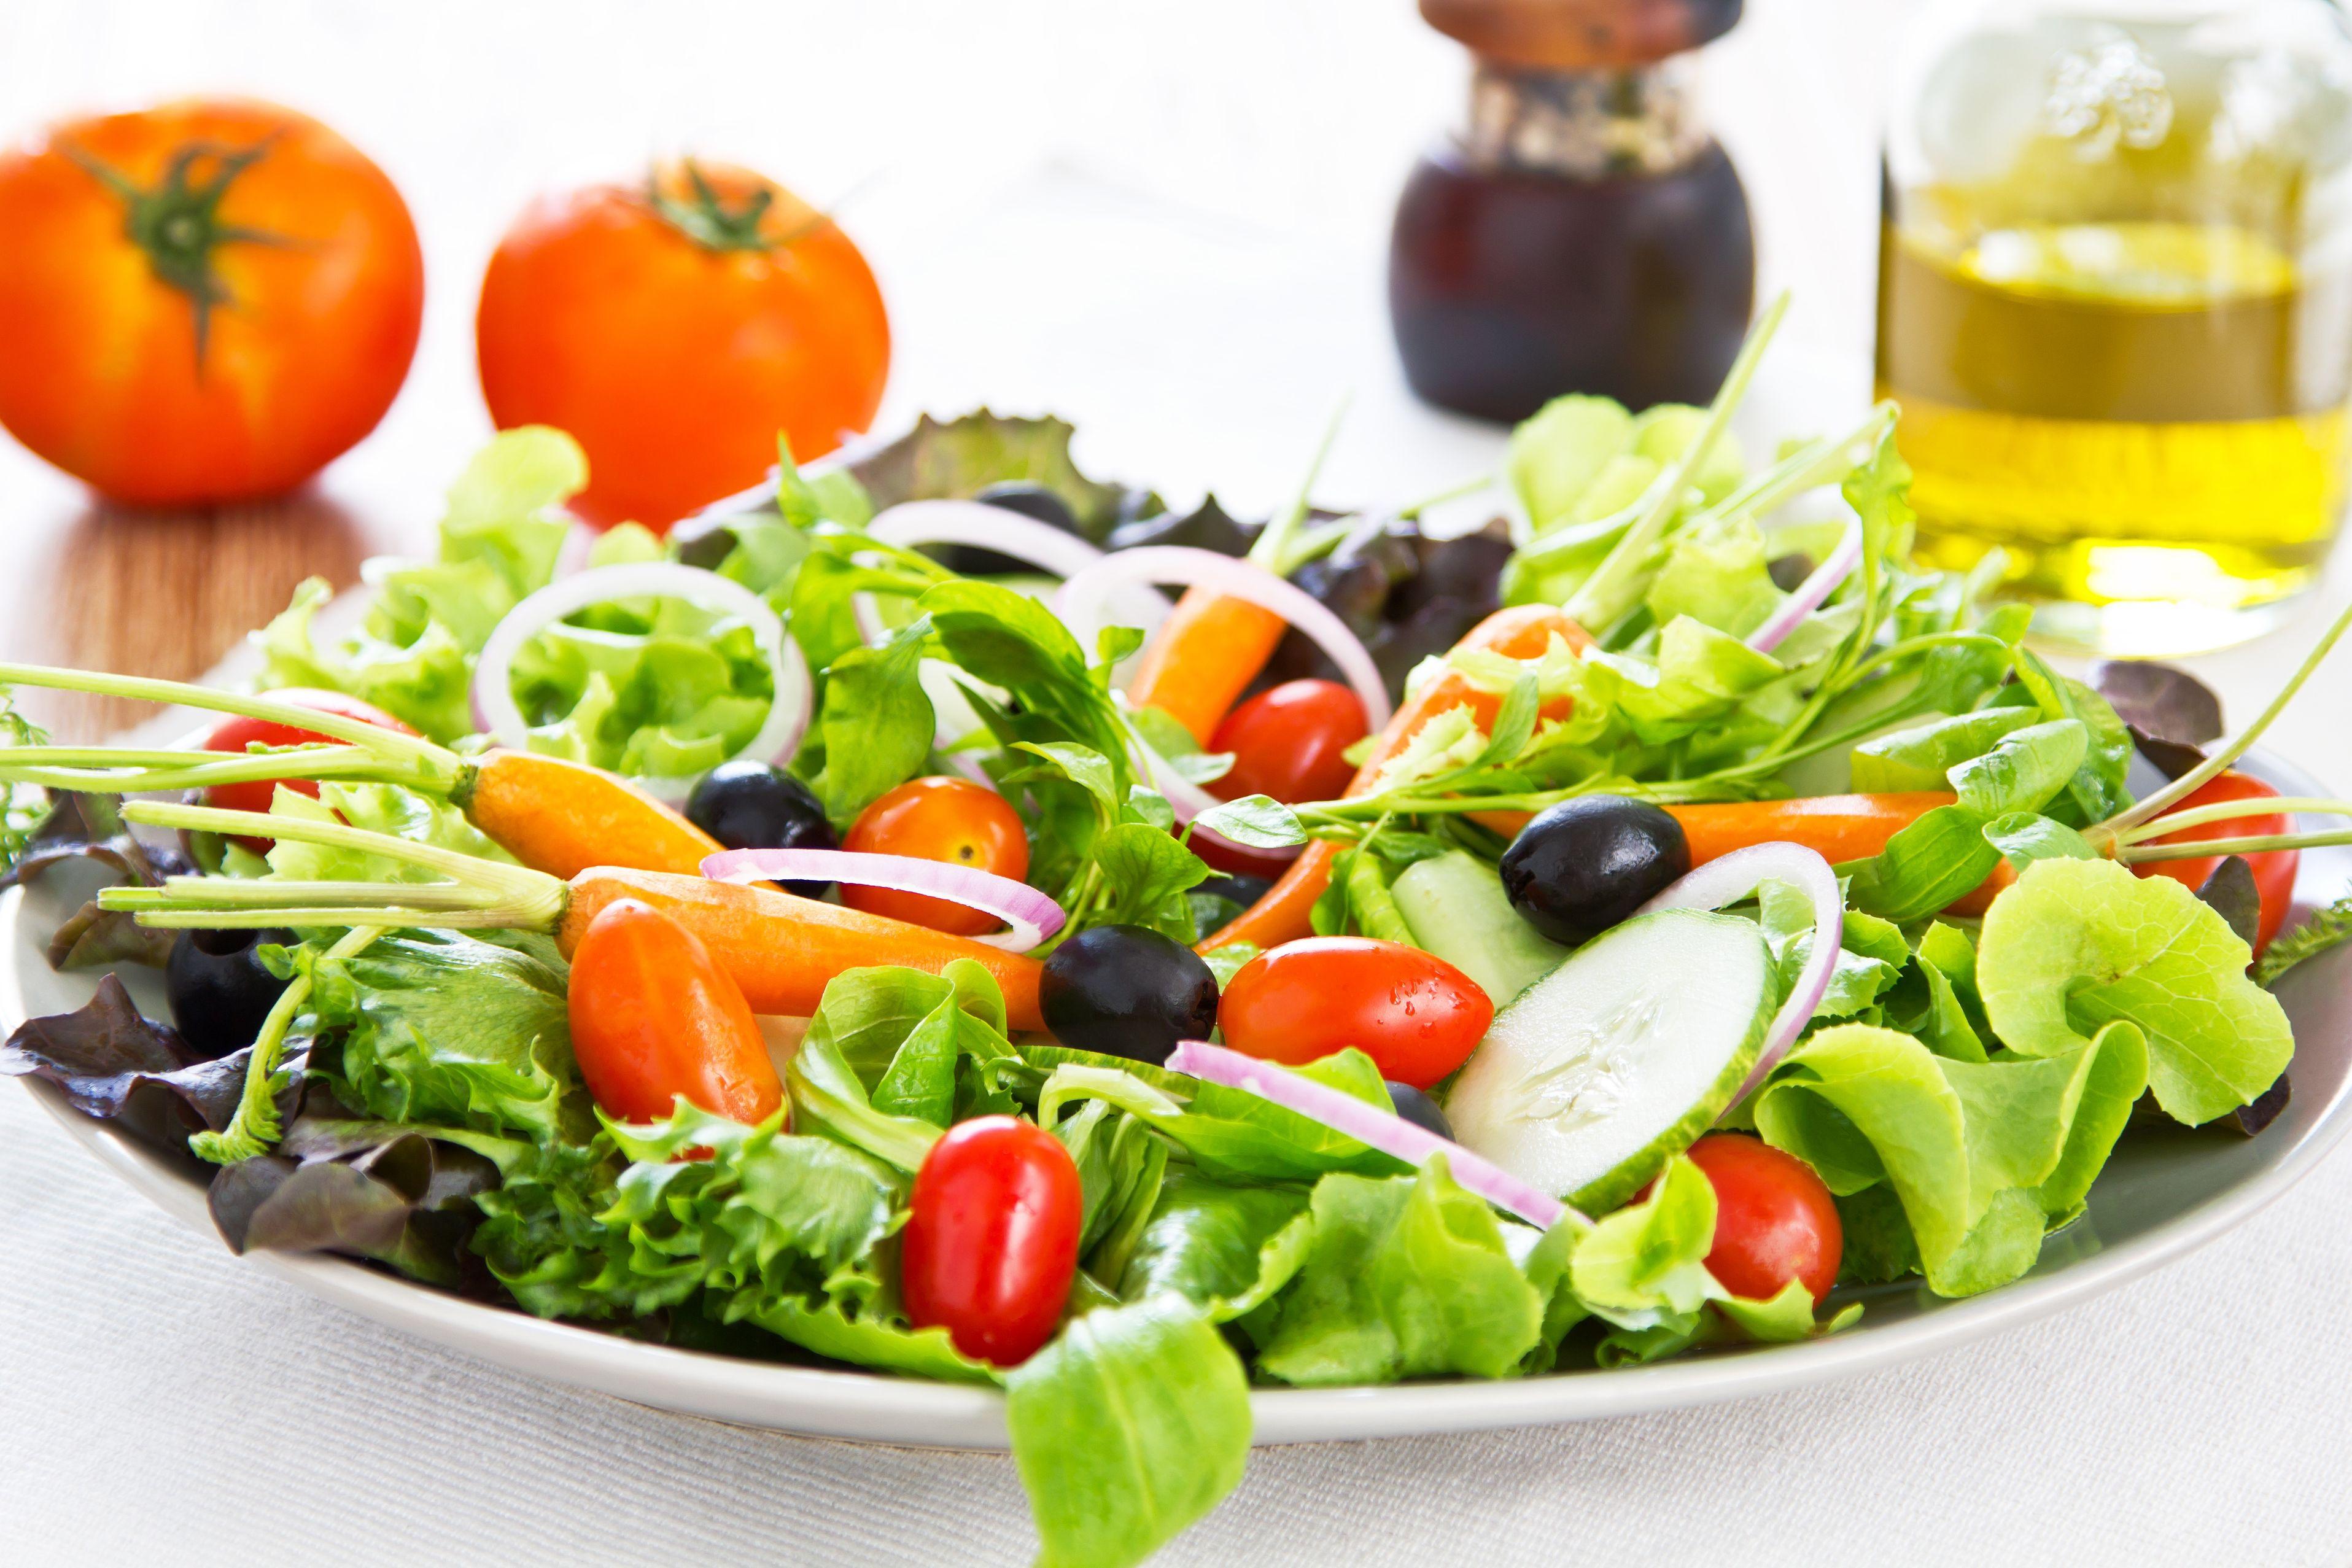 Taller coma sano coma ensaladas musac for Comidas frescas